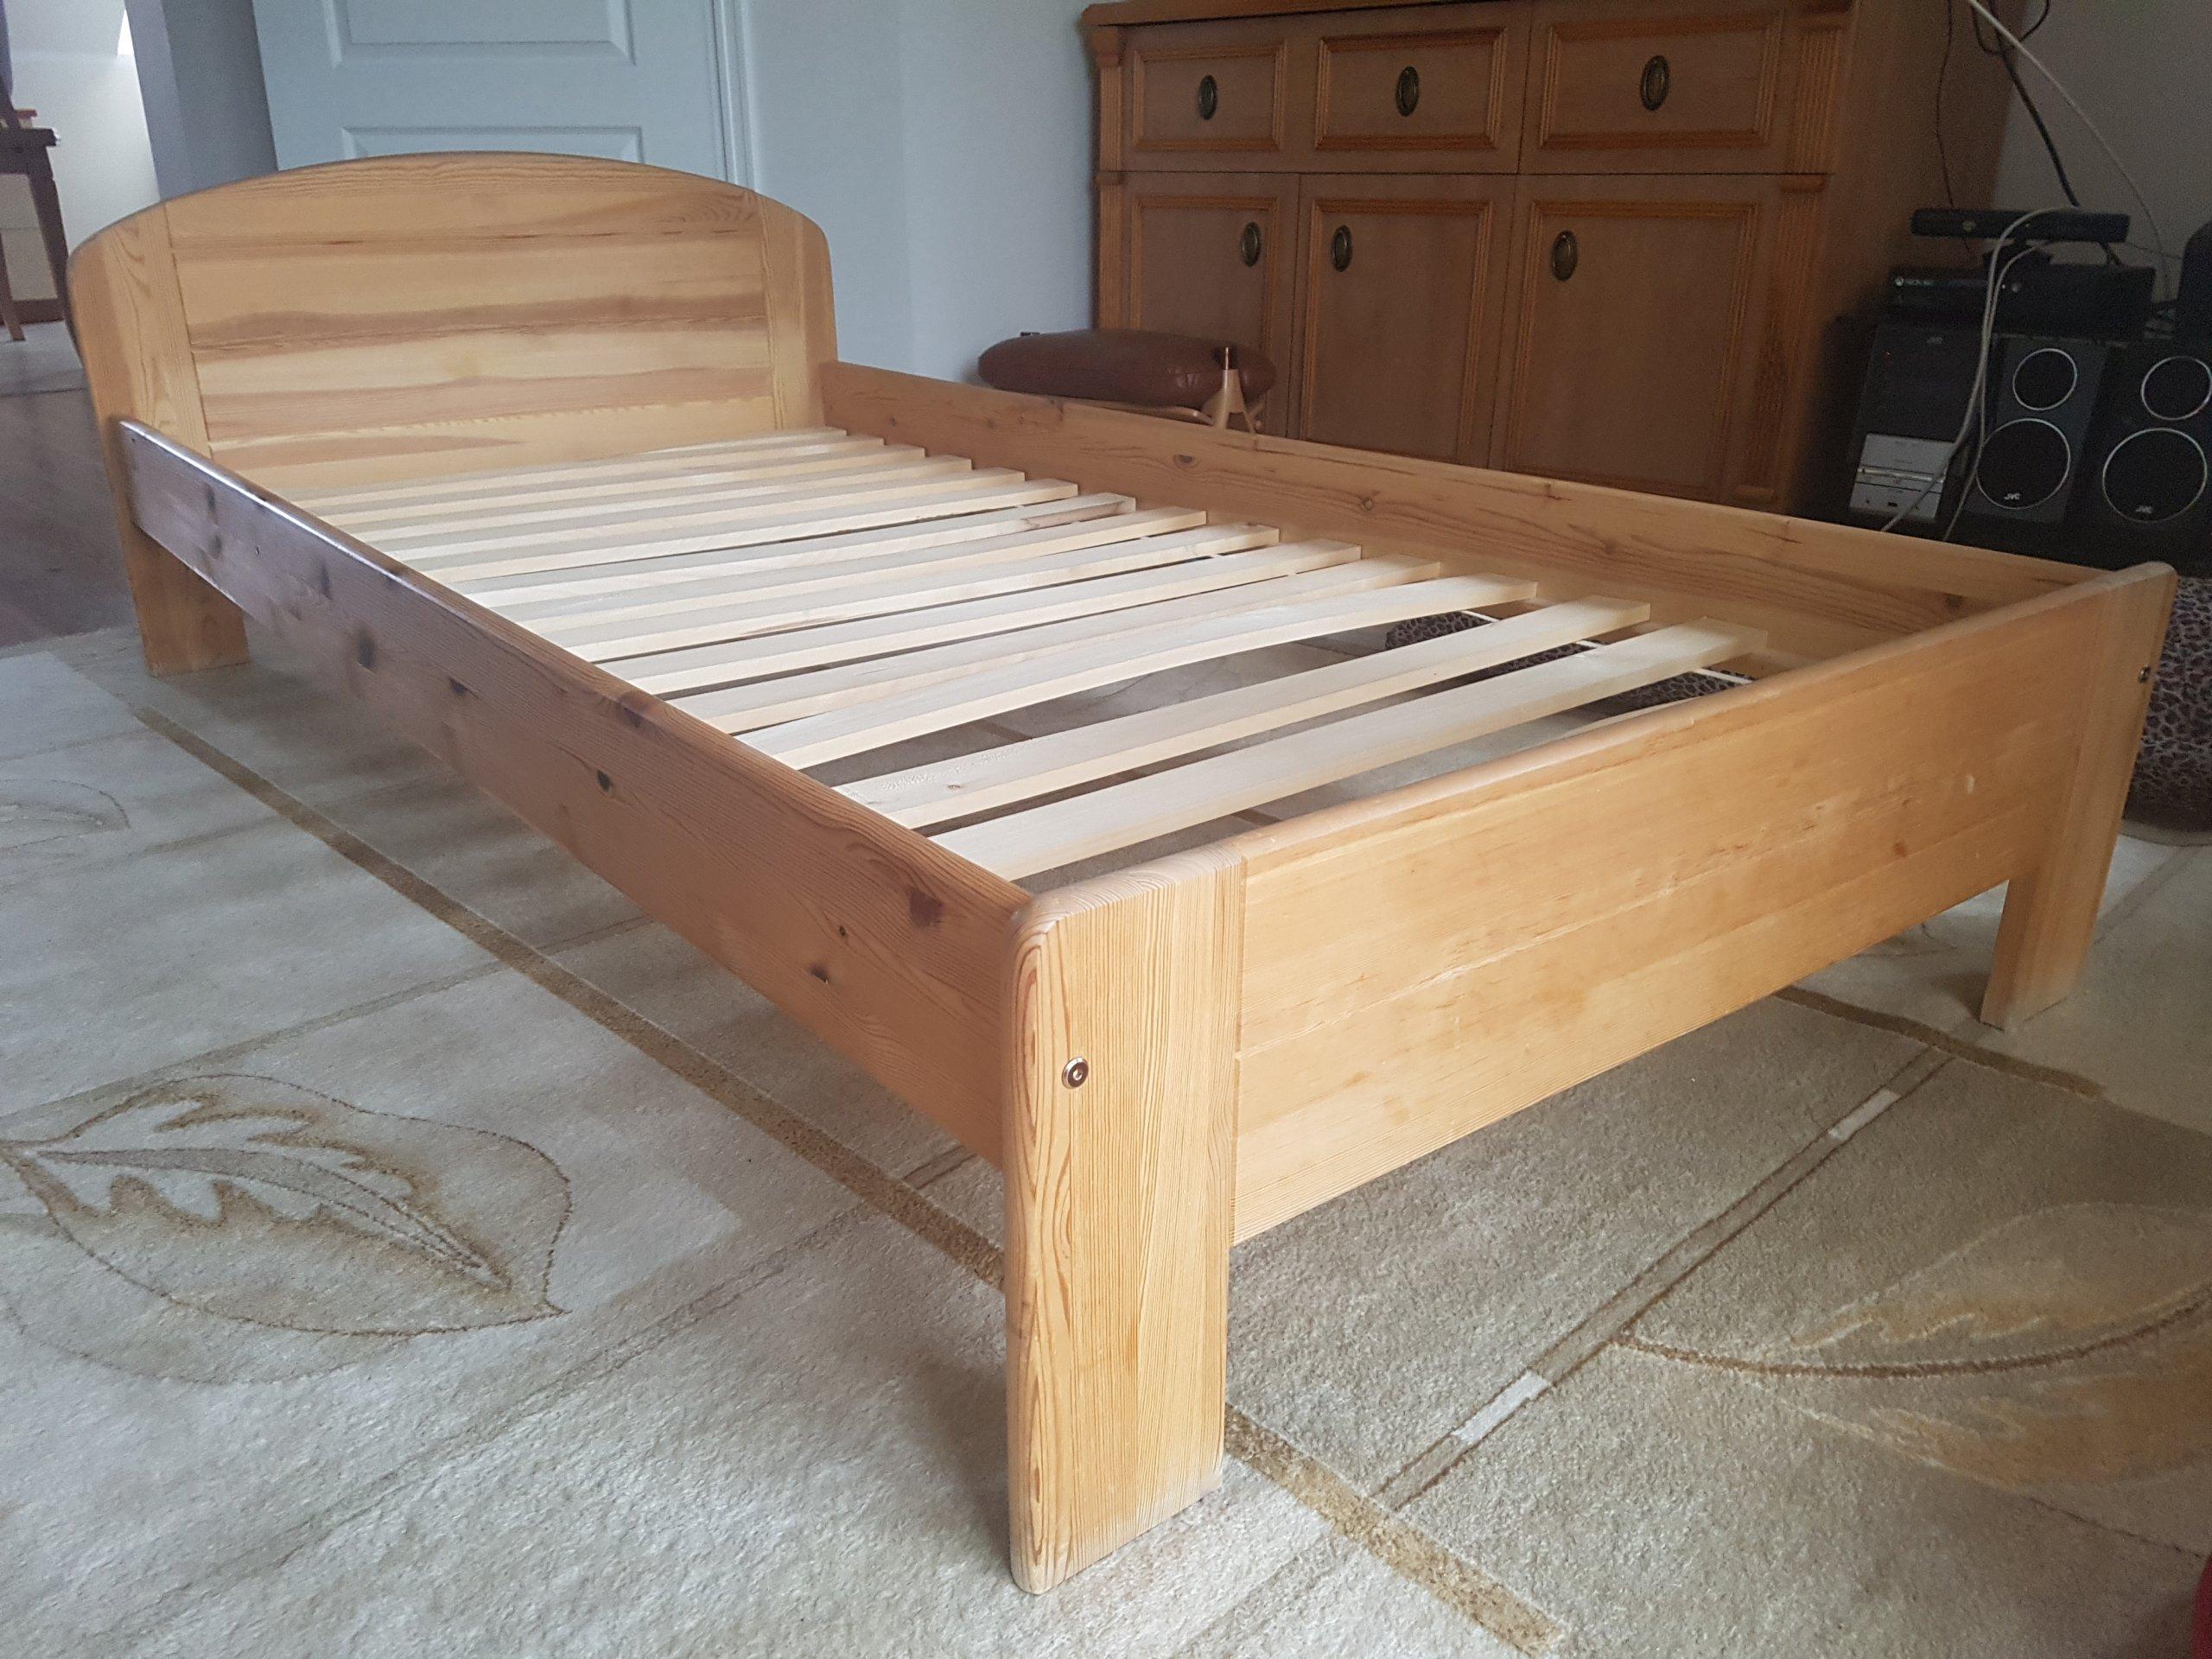 łóżko Pojedyncze Drewniane Sosnowe Stelażmaterac